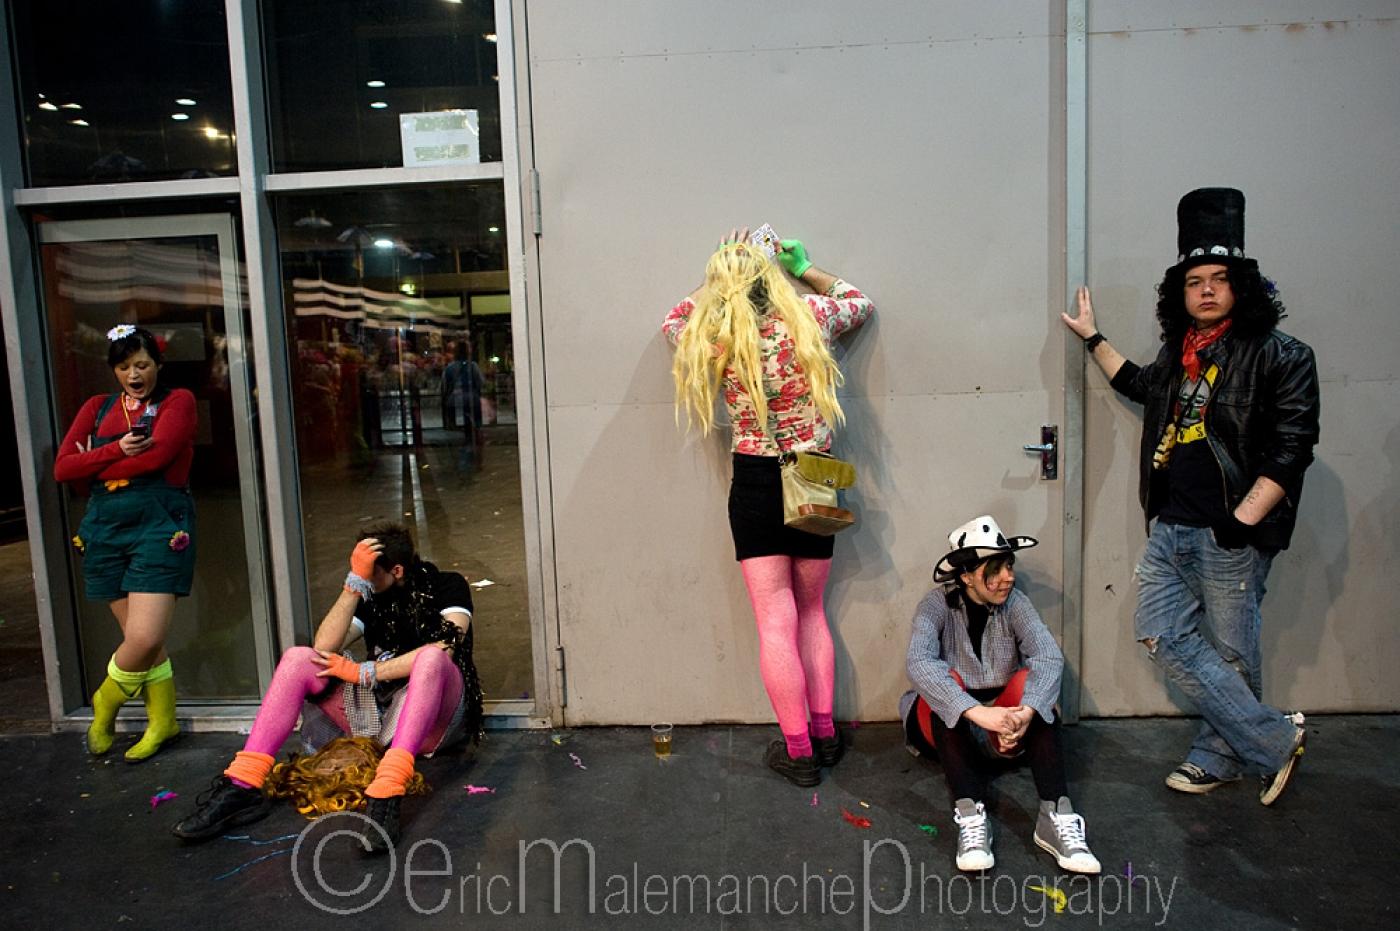 https://www.ericmalemanche.com/imagess/topics/carnaval-de-dunkerque/liste/Carnaval-Dunkerque-0956.jpg